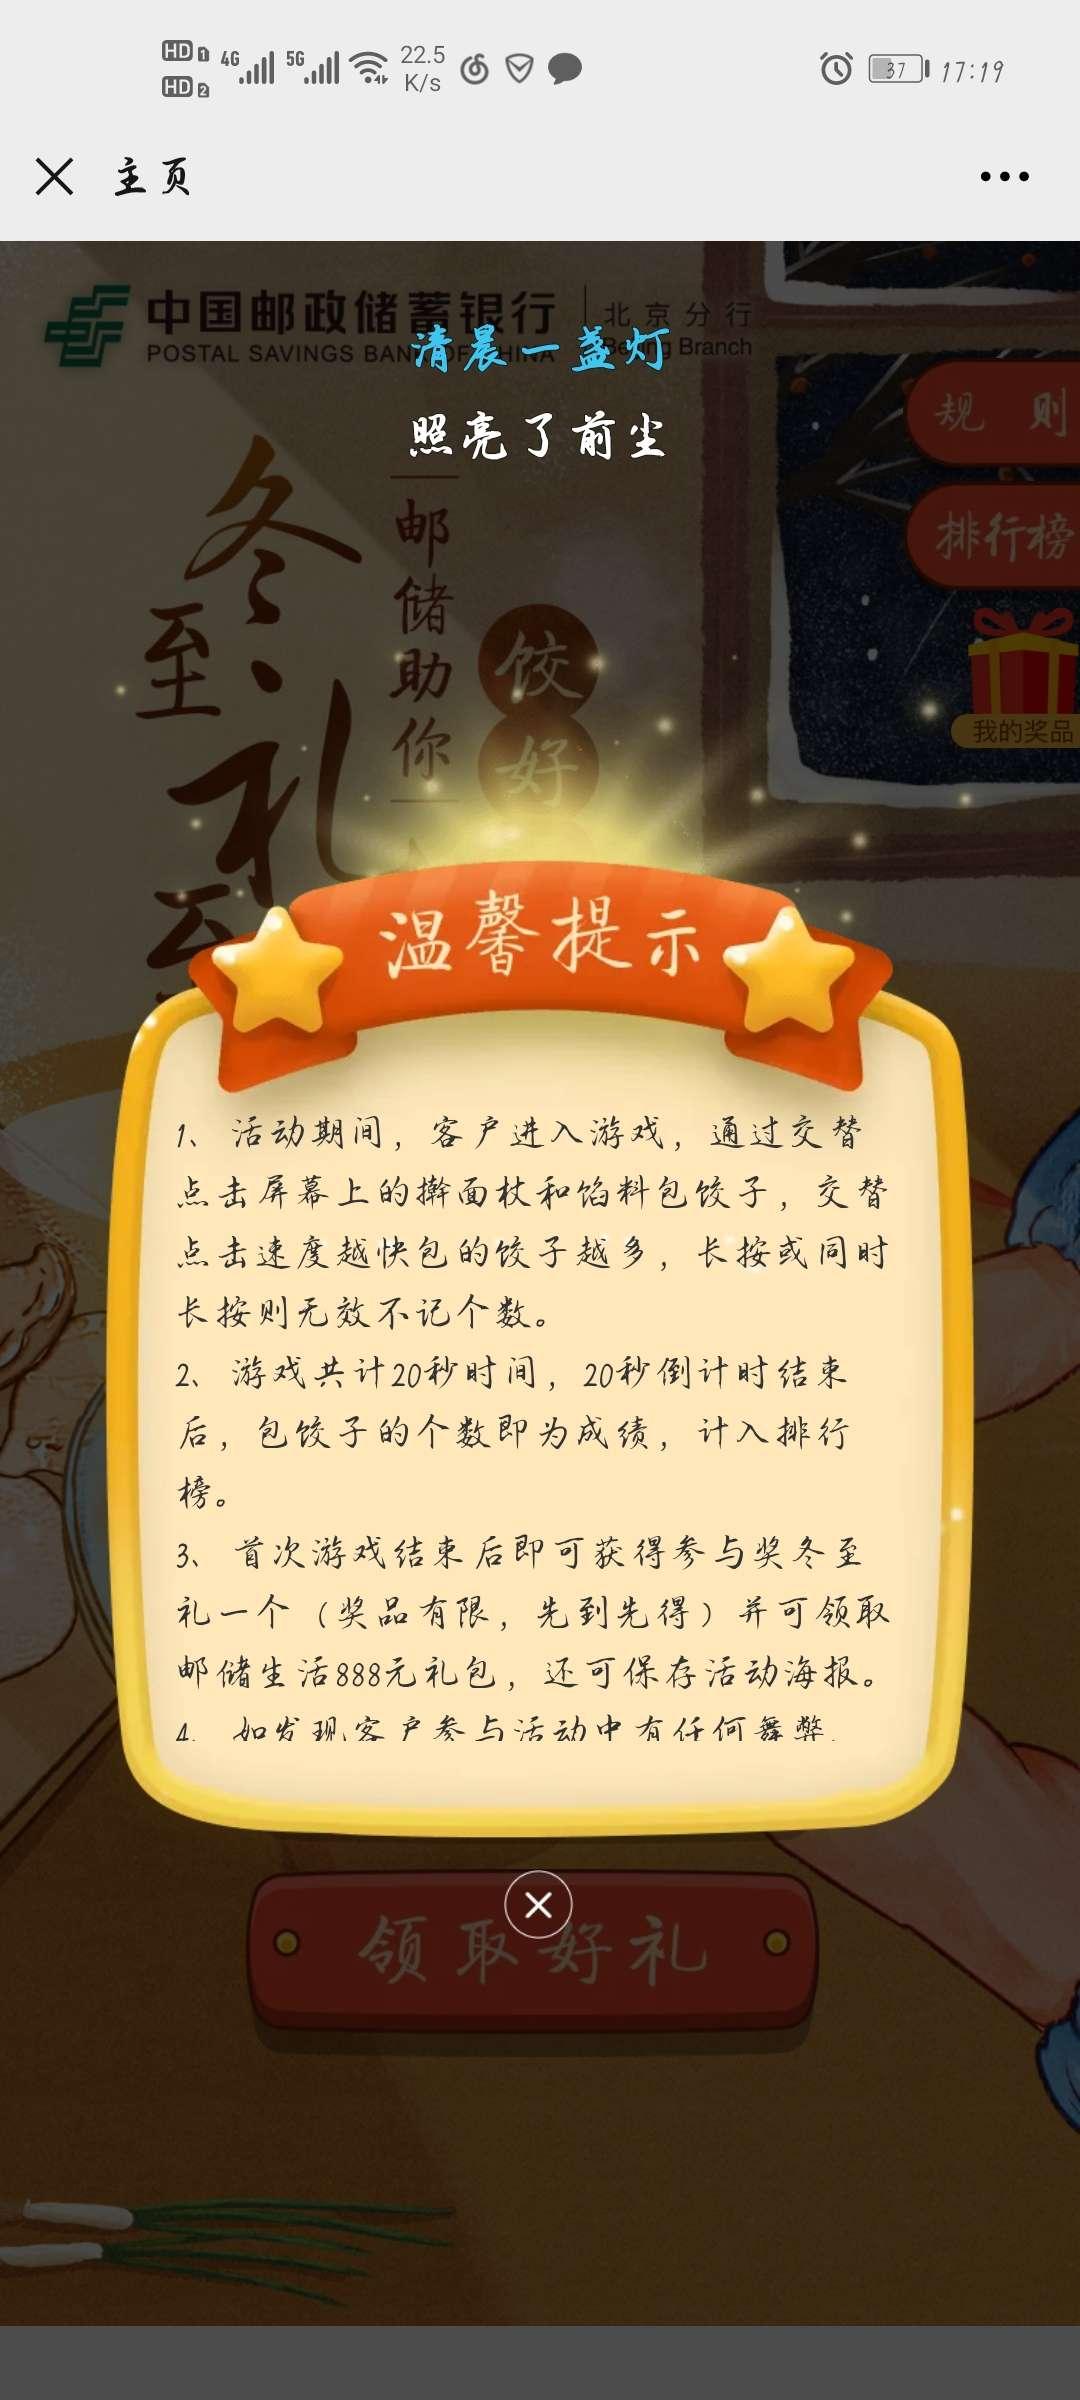 中国邮政储蓄银行包饺子领0.3红包插图1